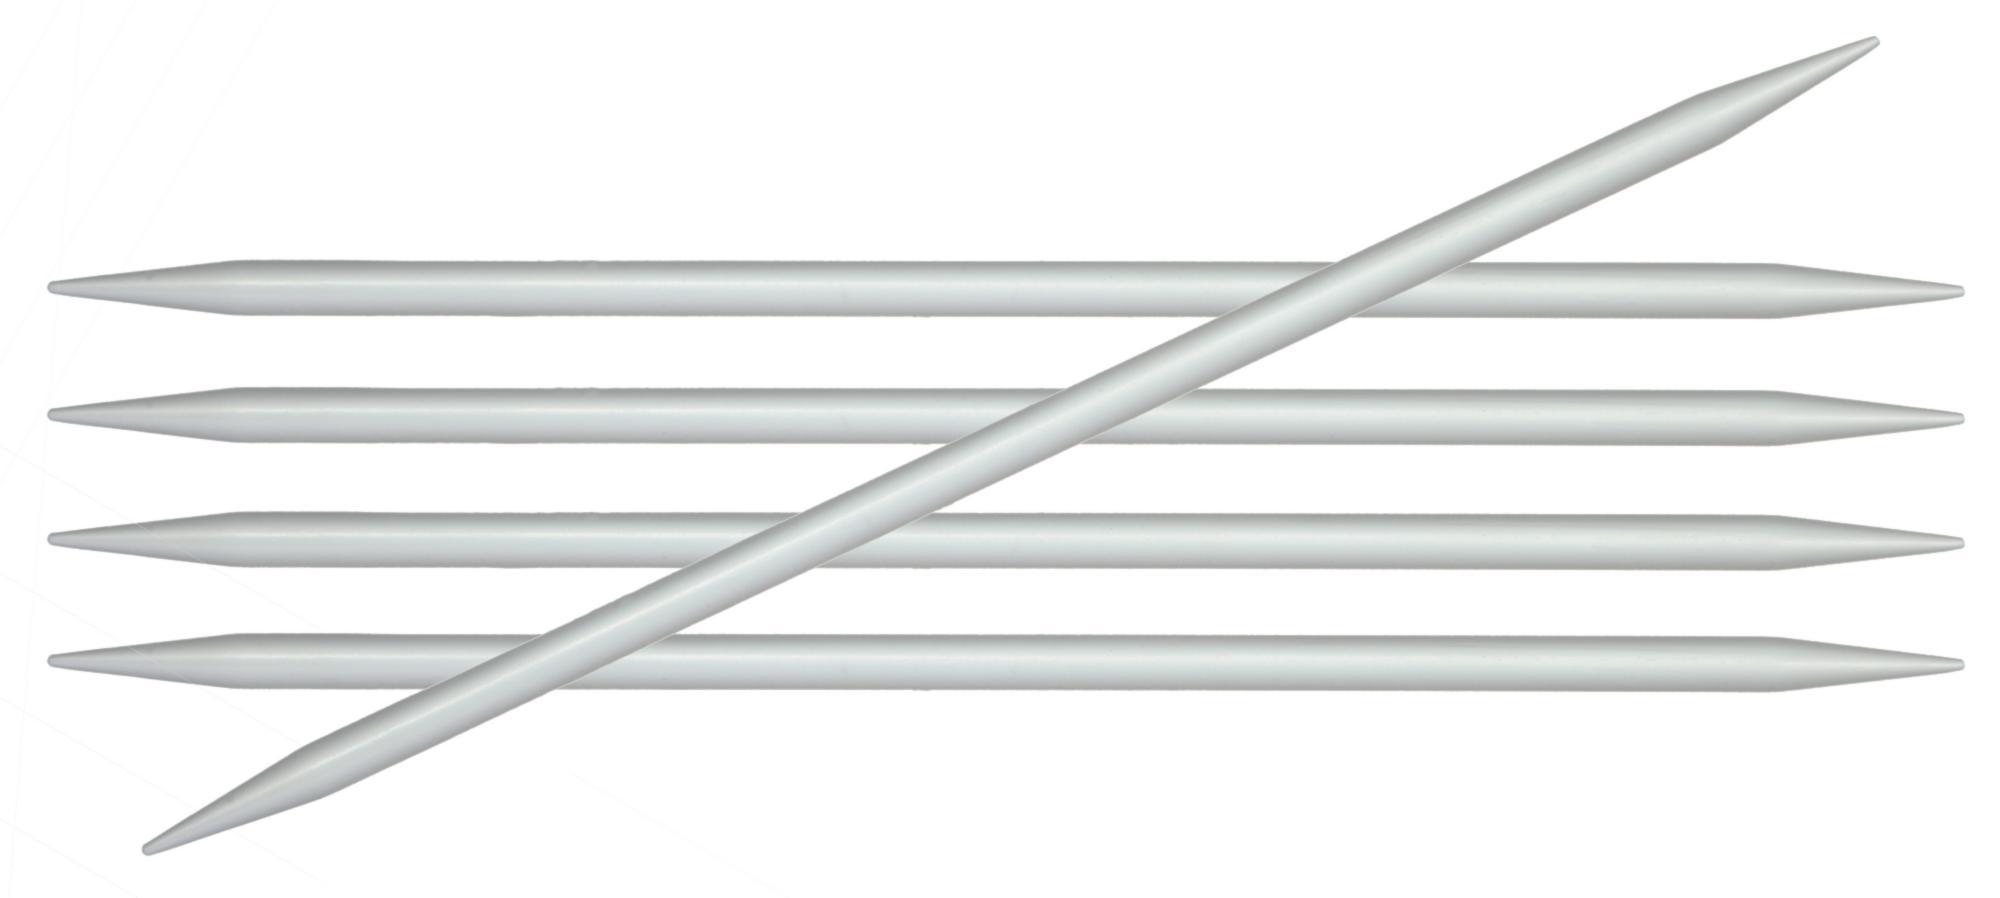 Спицы носочные 15 см Basix Aluminium KnitPro, 45101, 2.00 мм